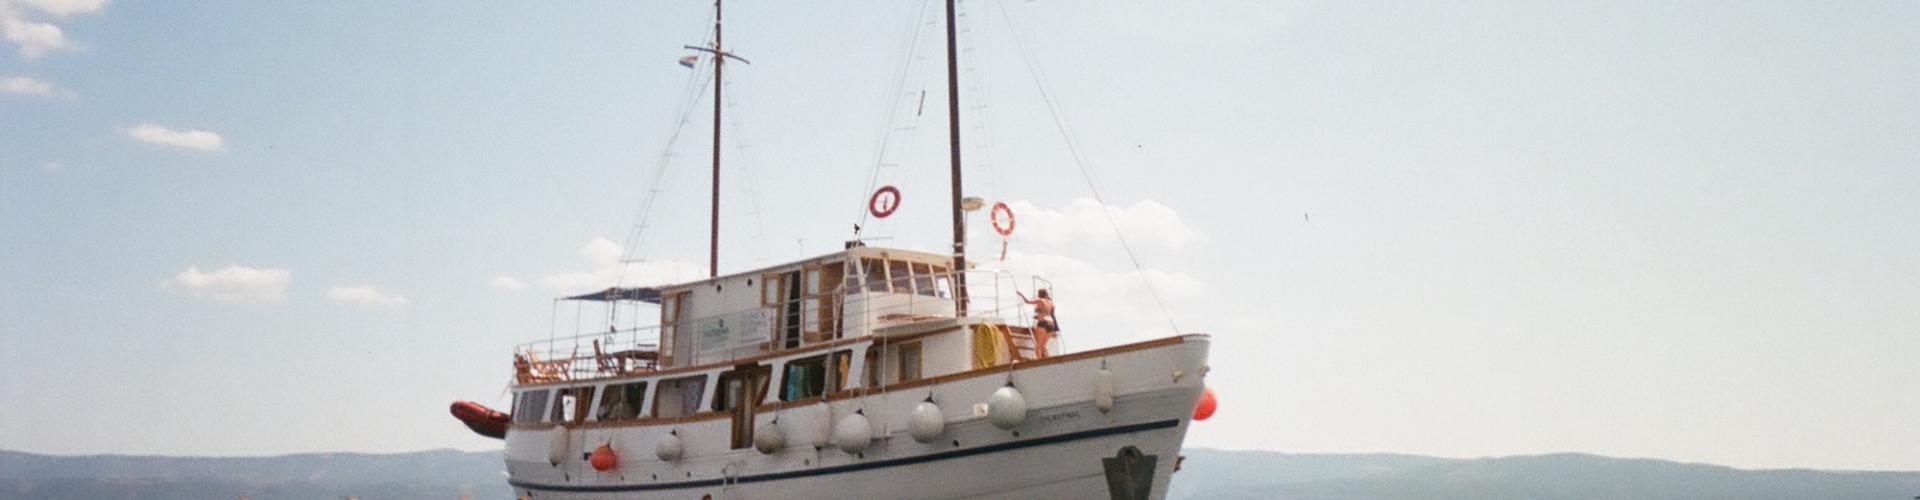 1957. Nave da crociera tradizionale Dalmatinac